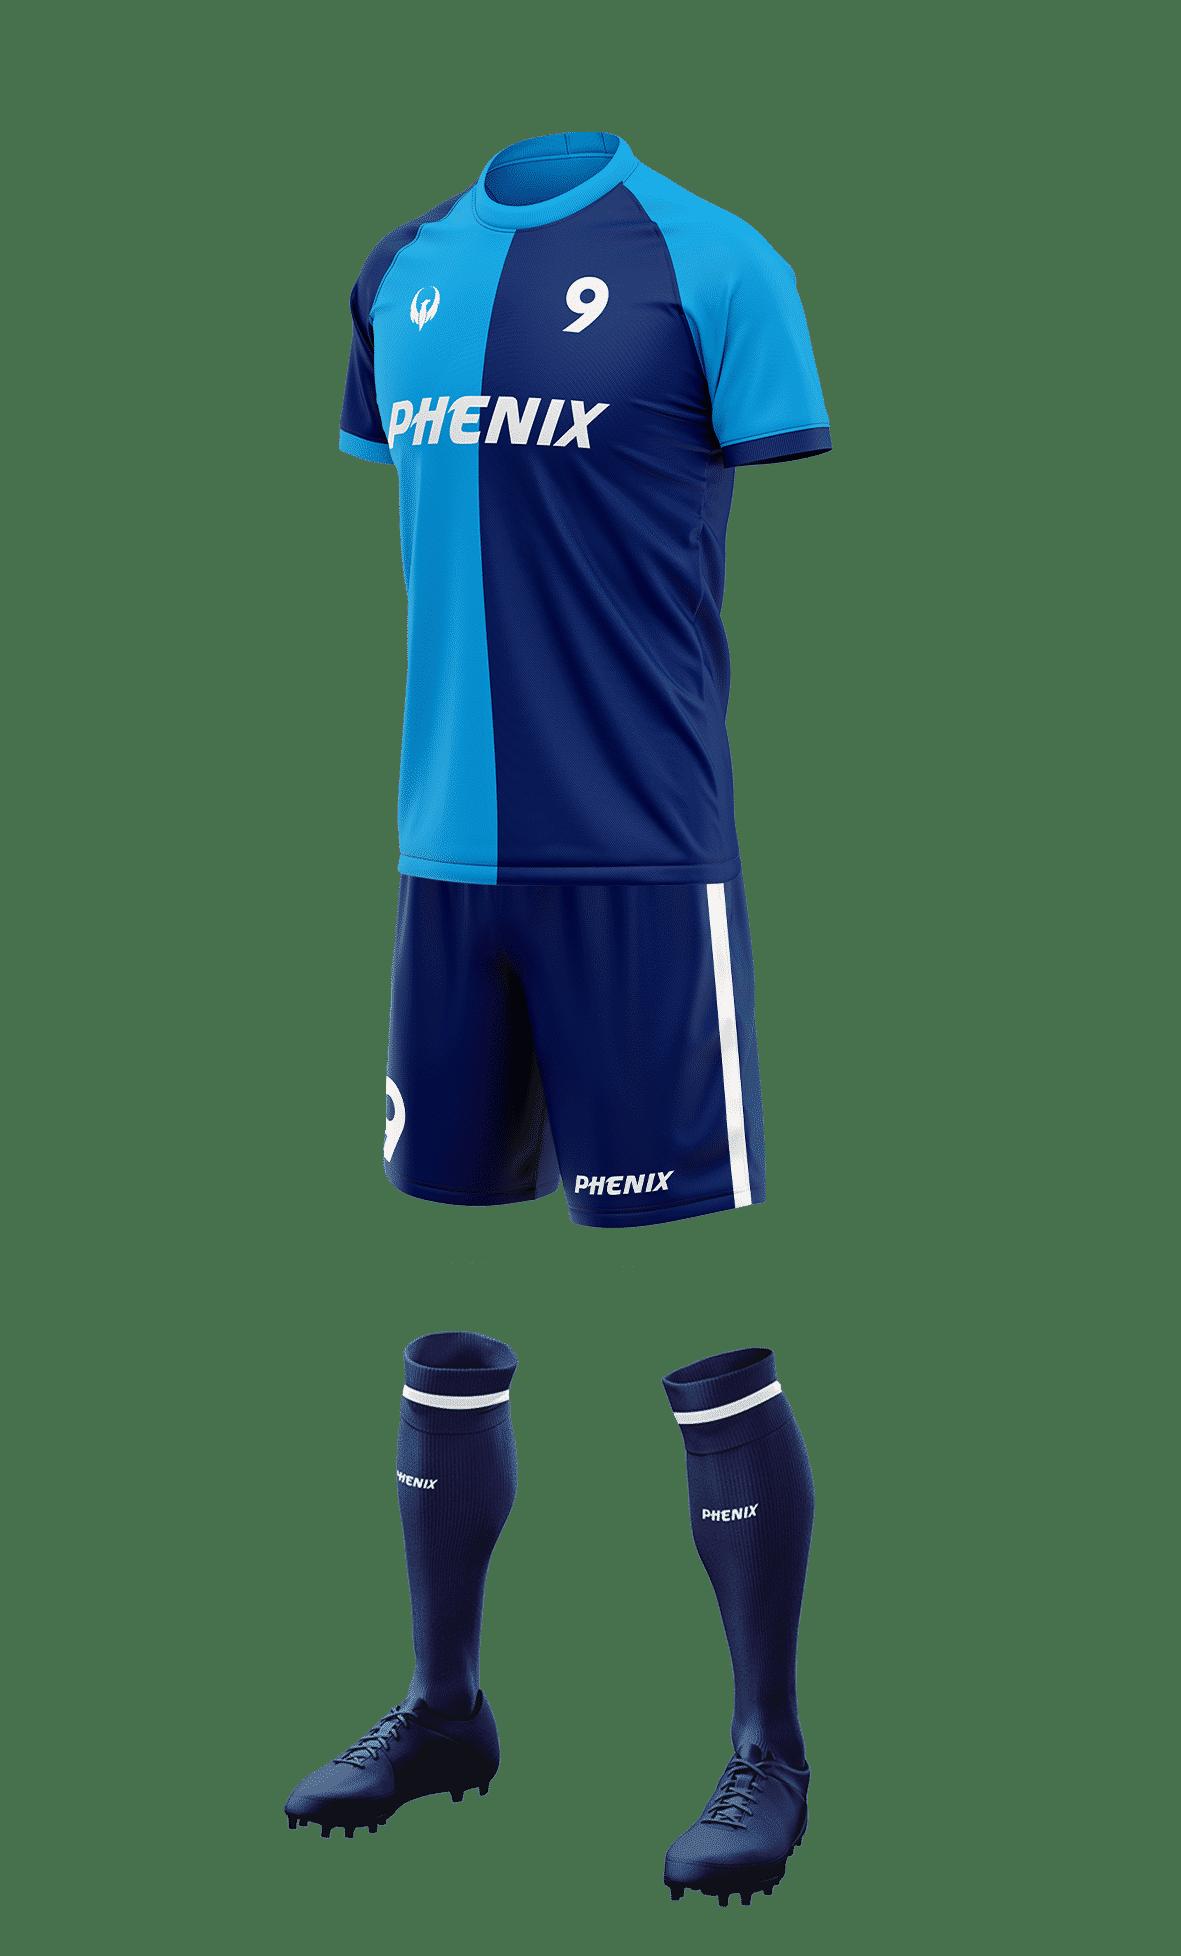 maillot-phenix-sport-club-1